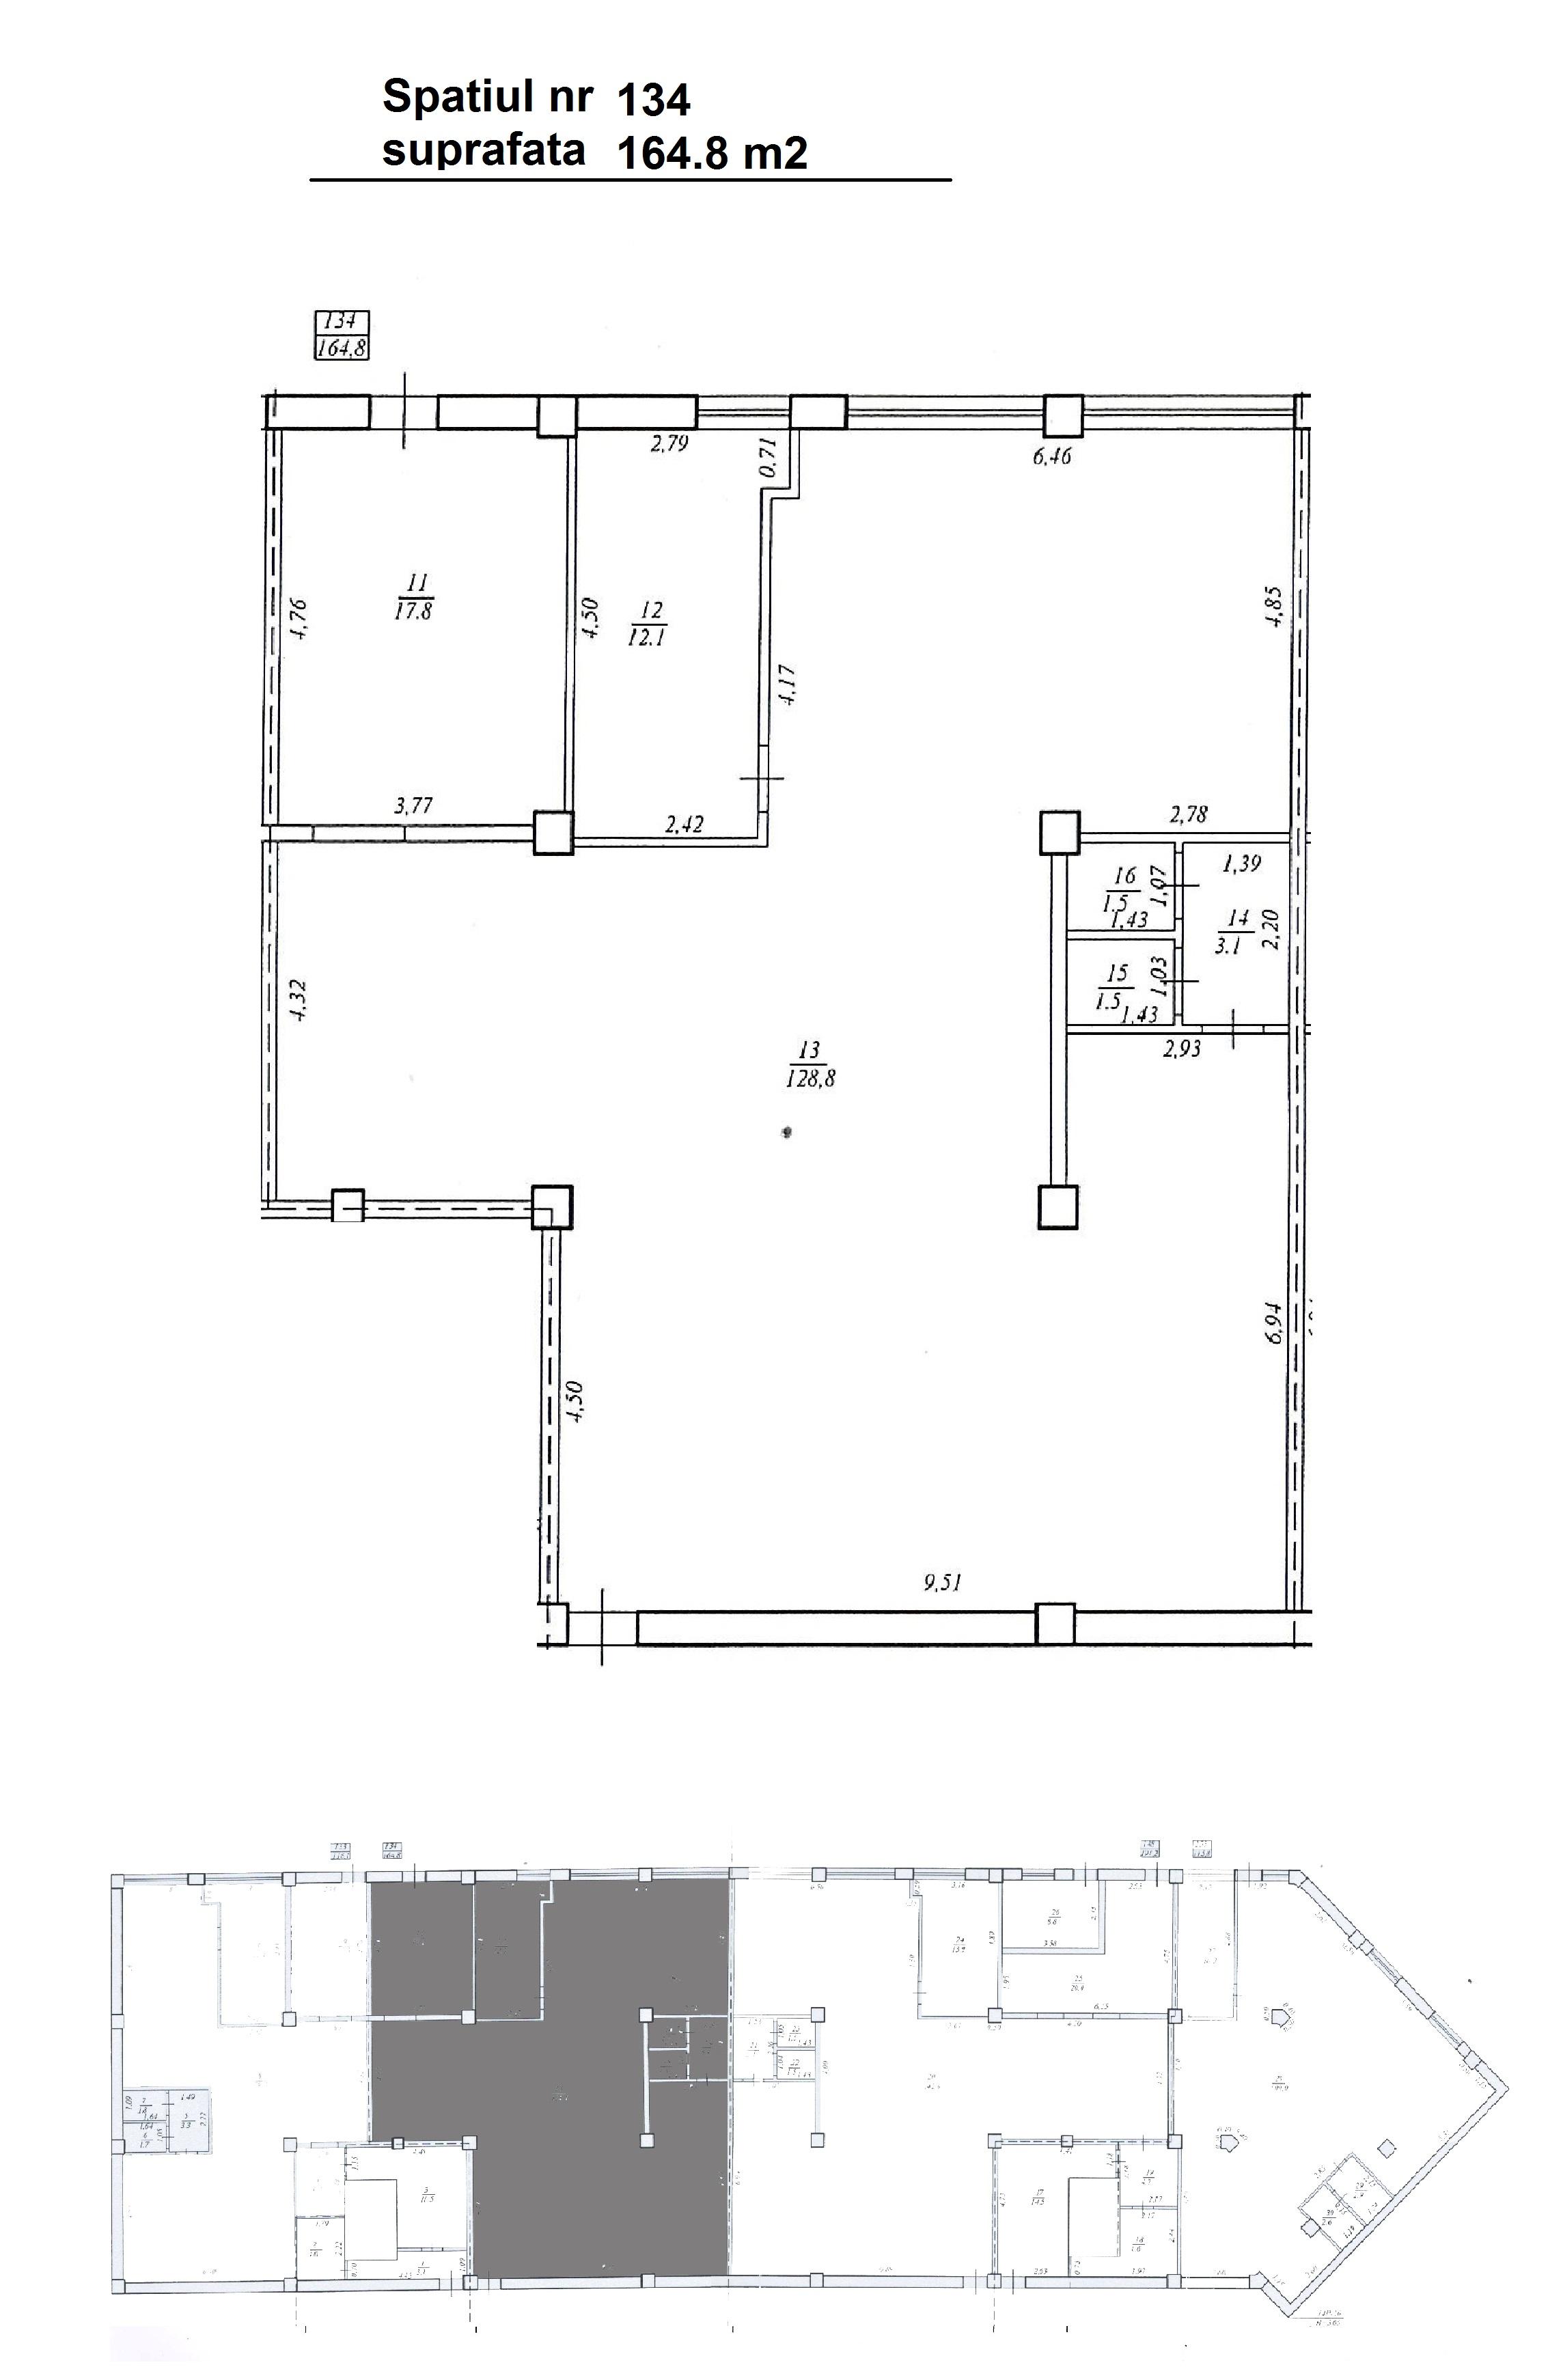 Spațiu Comercial 164,8m2! Ciocana, str. Ginta Latină. 550 euro/m2